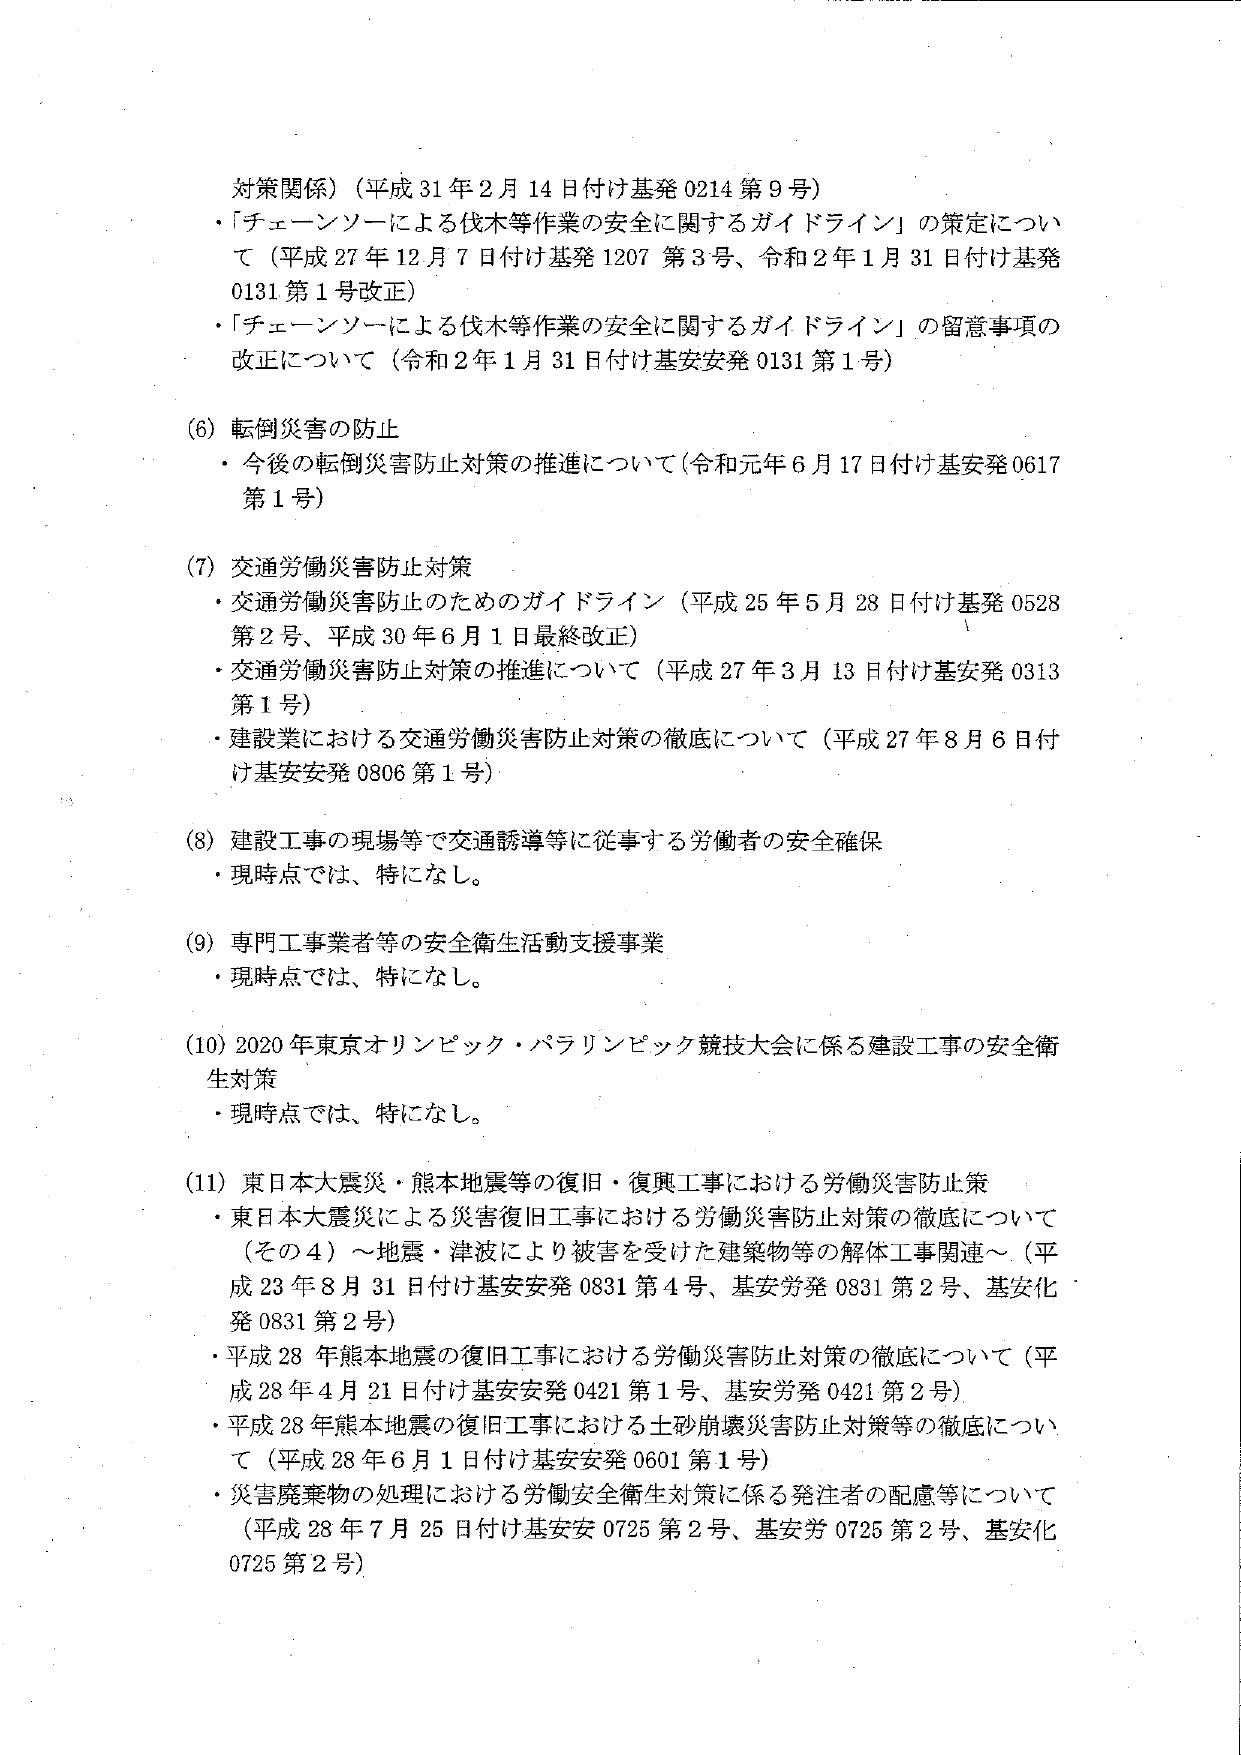 令和2年度における建設業の安全衛生対策の推進について(要請)_page-0010